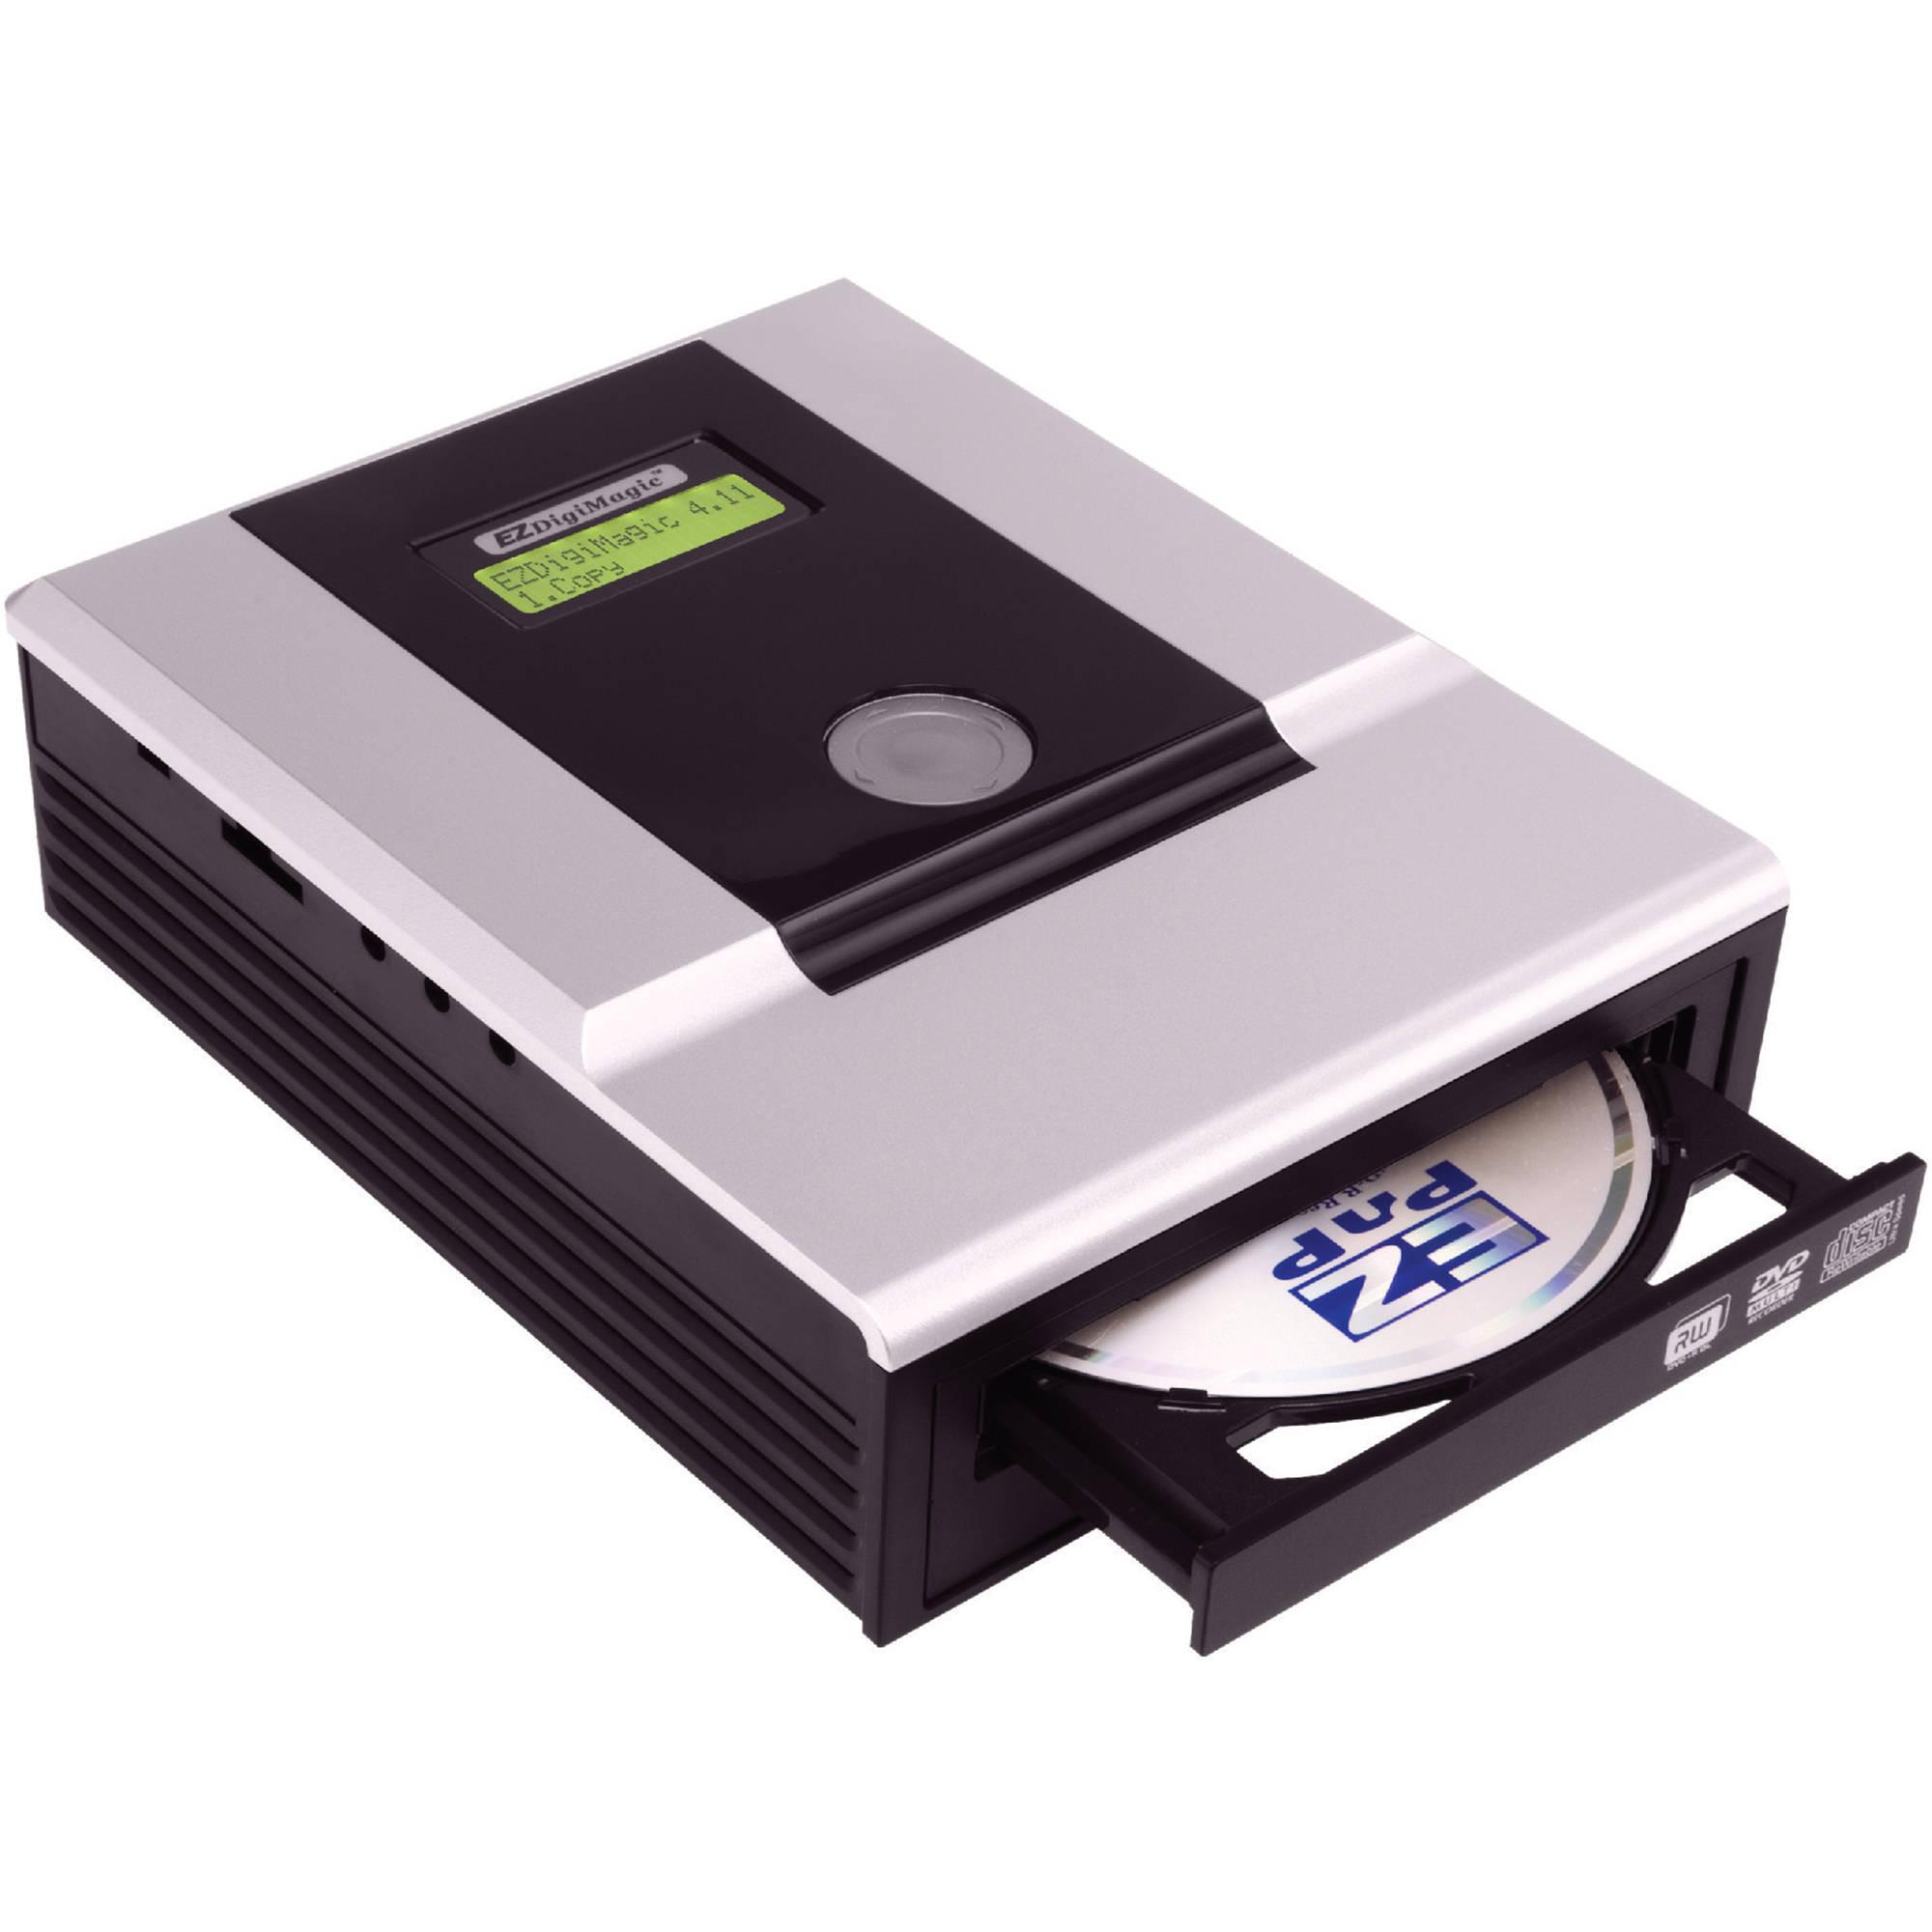 EZPnP Technologies DM550-D20 Standalone CD/DVD Burner ...  |Dvd Burner